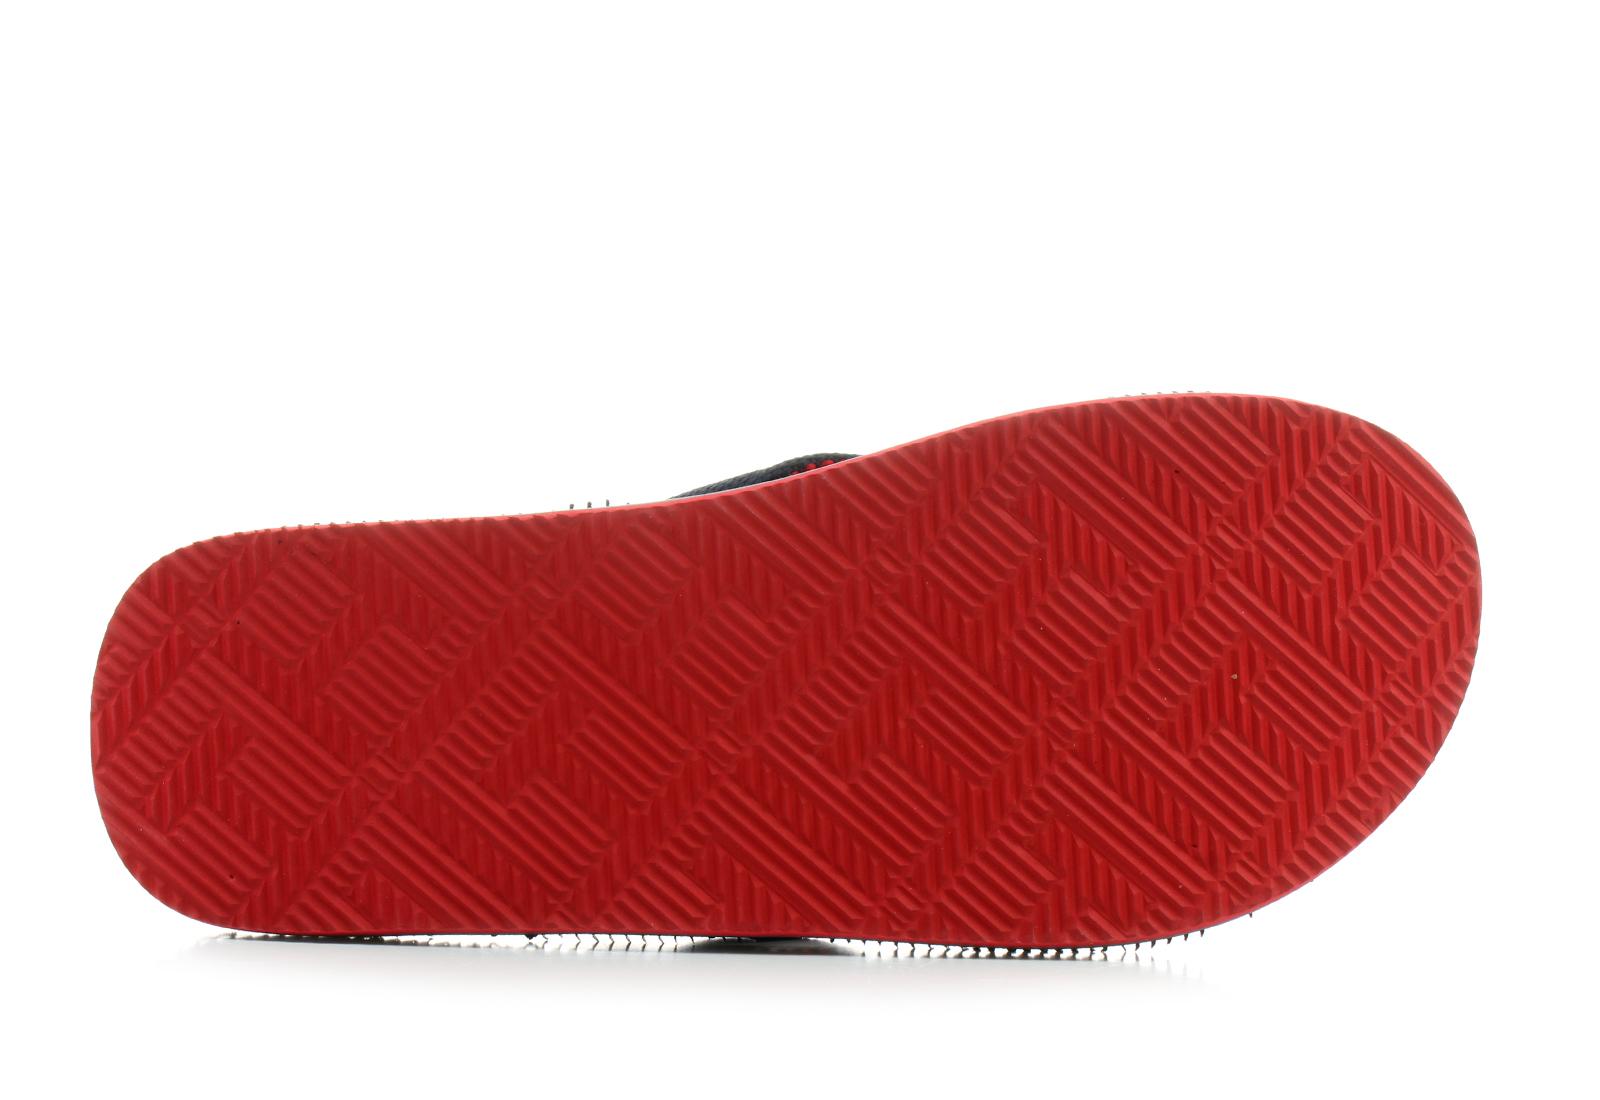 Tommy Hilfiger Slippers - Floyd 25 - 18S-1364-403 - Online shop for ... cd81de43e0